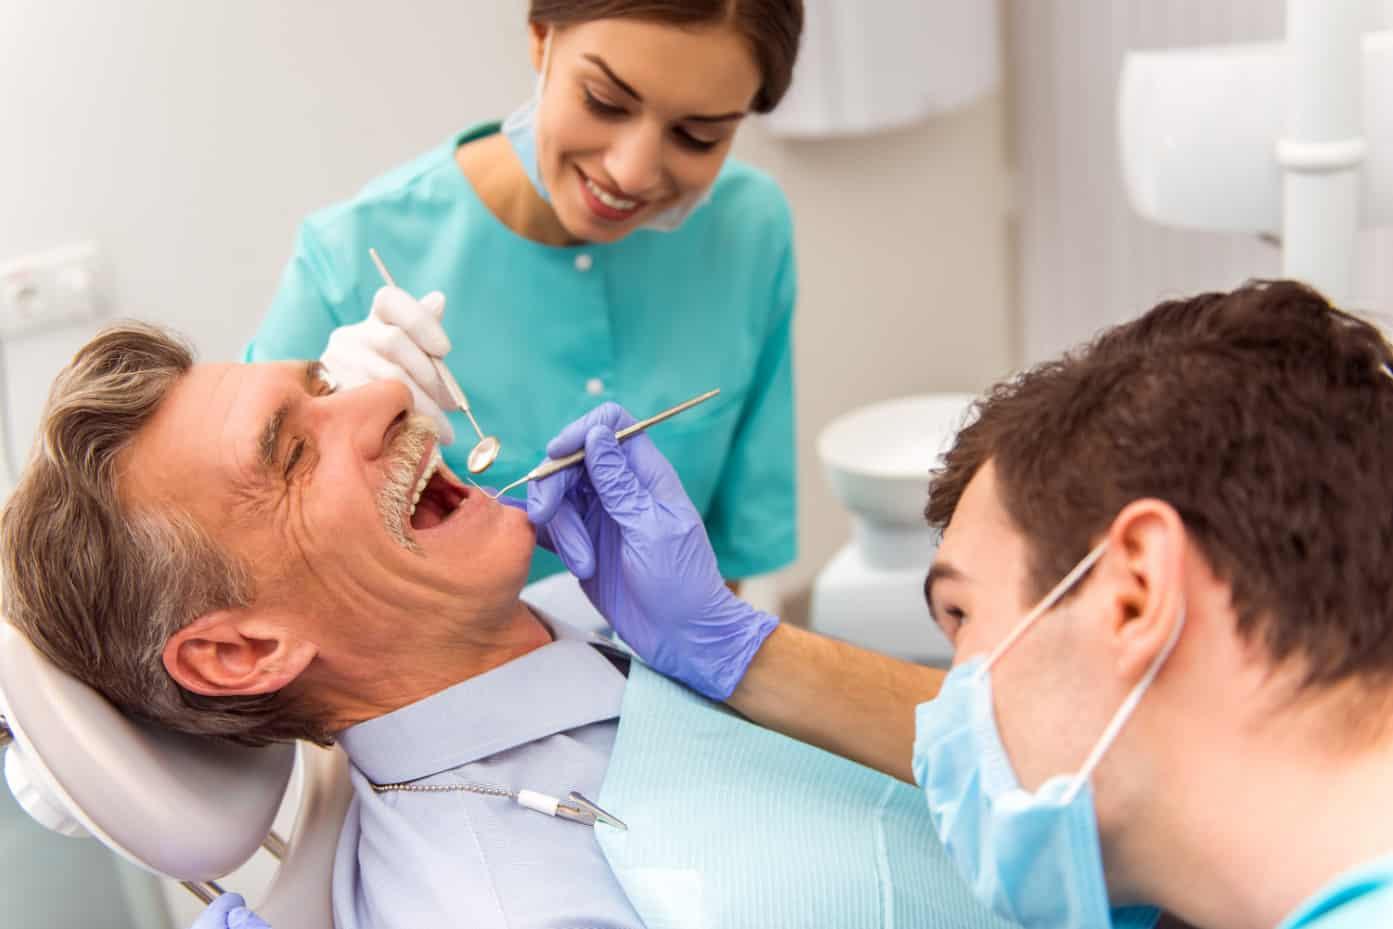 Установка зубных имплантов в преклонном возрасте фото